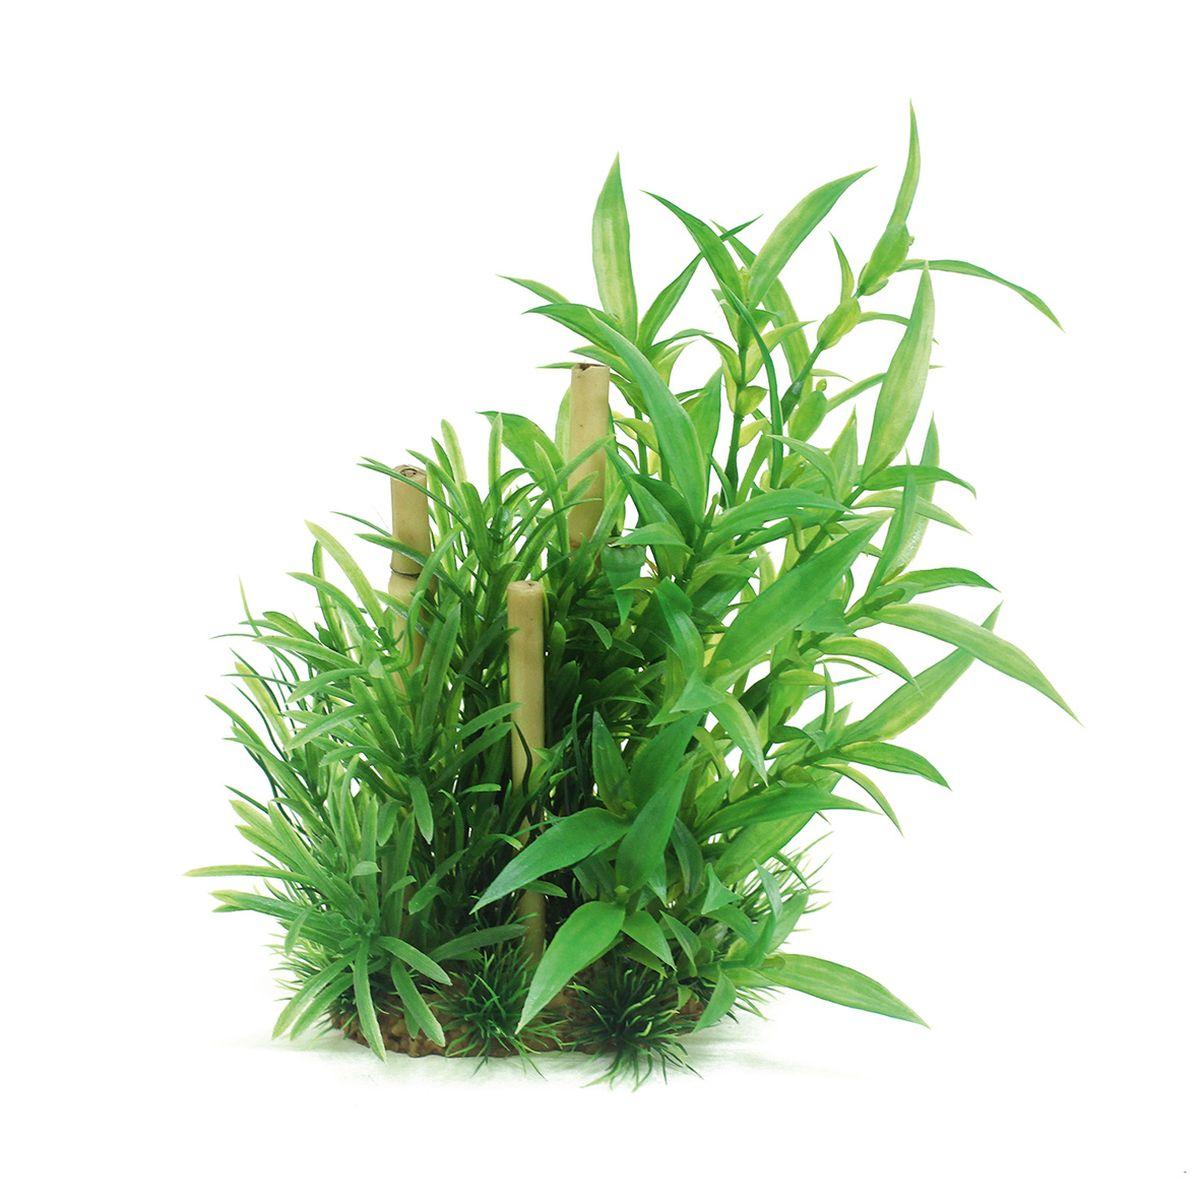 Композиция из растений для аквариума ArtUniq Гигрофила сиамская с бамбуком, высота 20 см0120710Композиция из искусственных растений ArtUniq превосходно украсит и оживит аквариум.Растения - это важная часть любой композиции, они помогут вдохнуть жизнь в ландшафт любого аквариума или террариума.Композиция является точной копией природного растения.